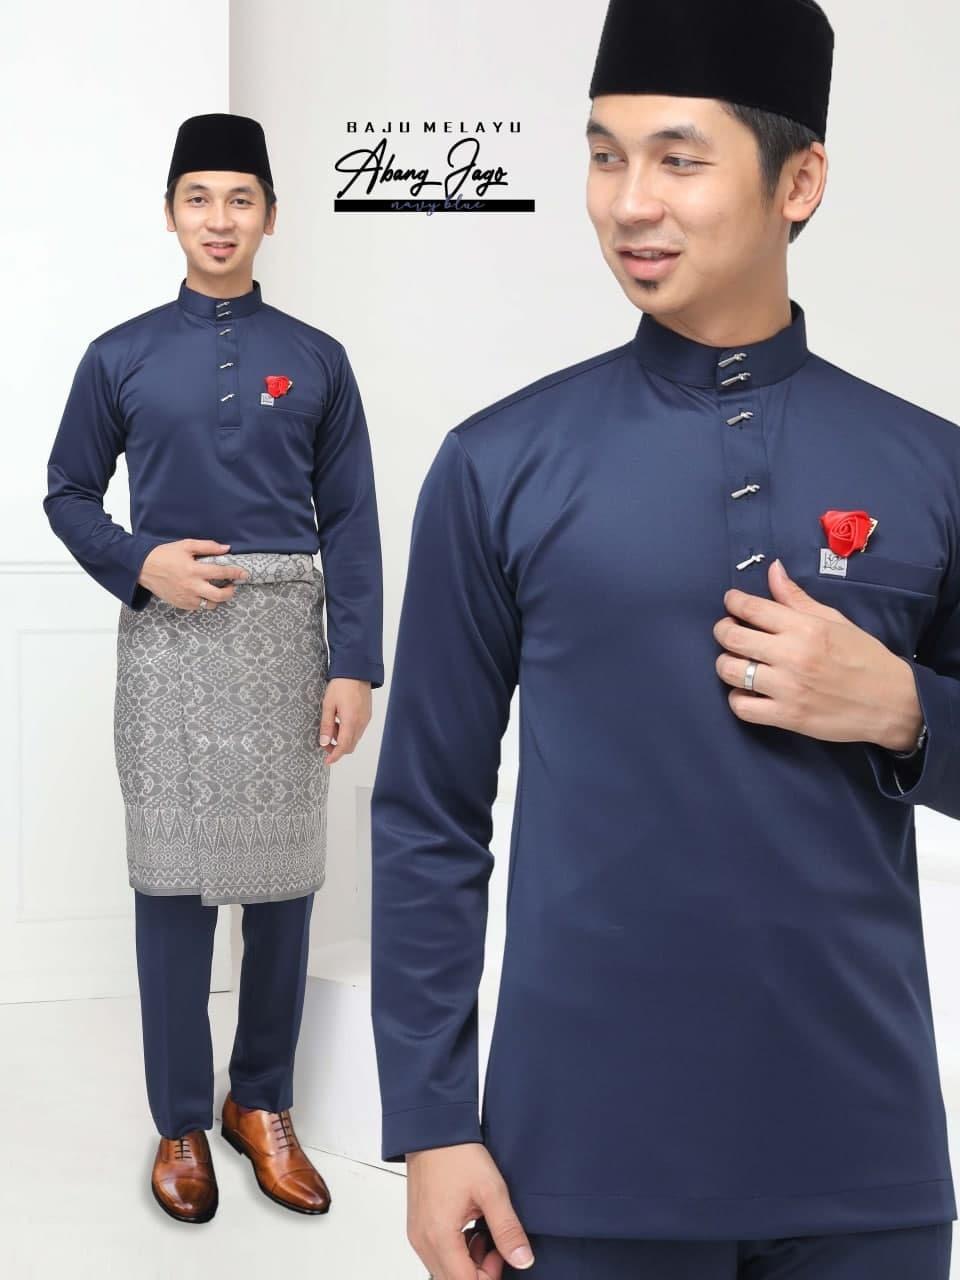 Bang Jago In Navy Blue